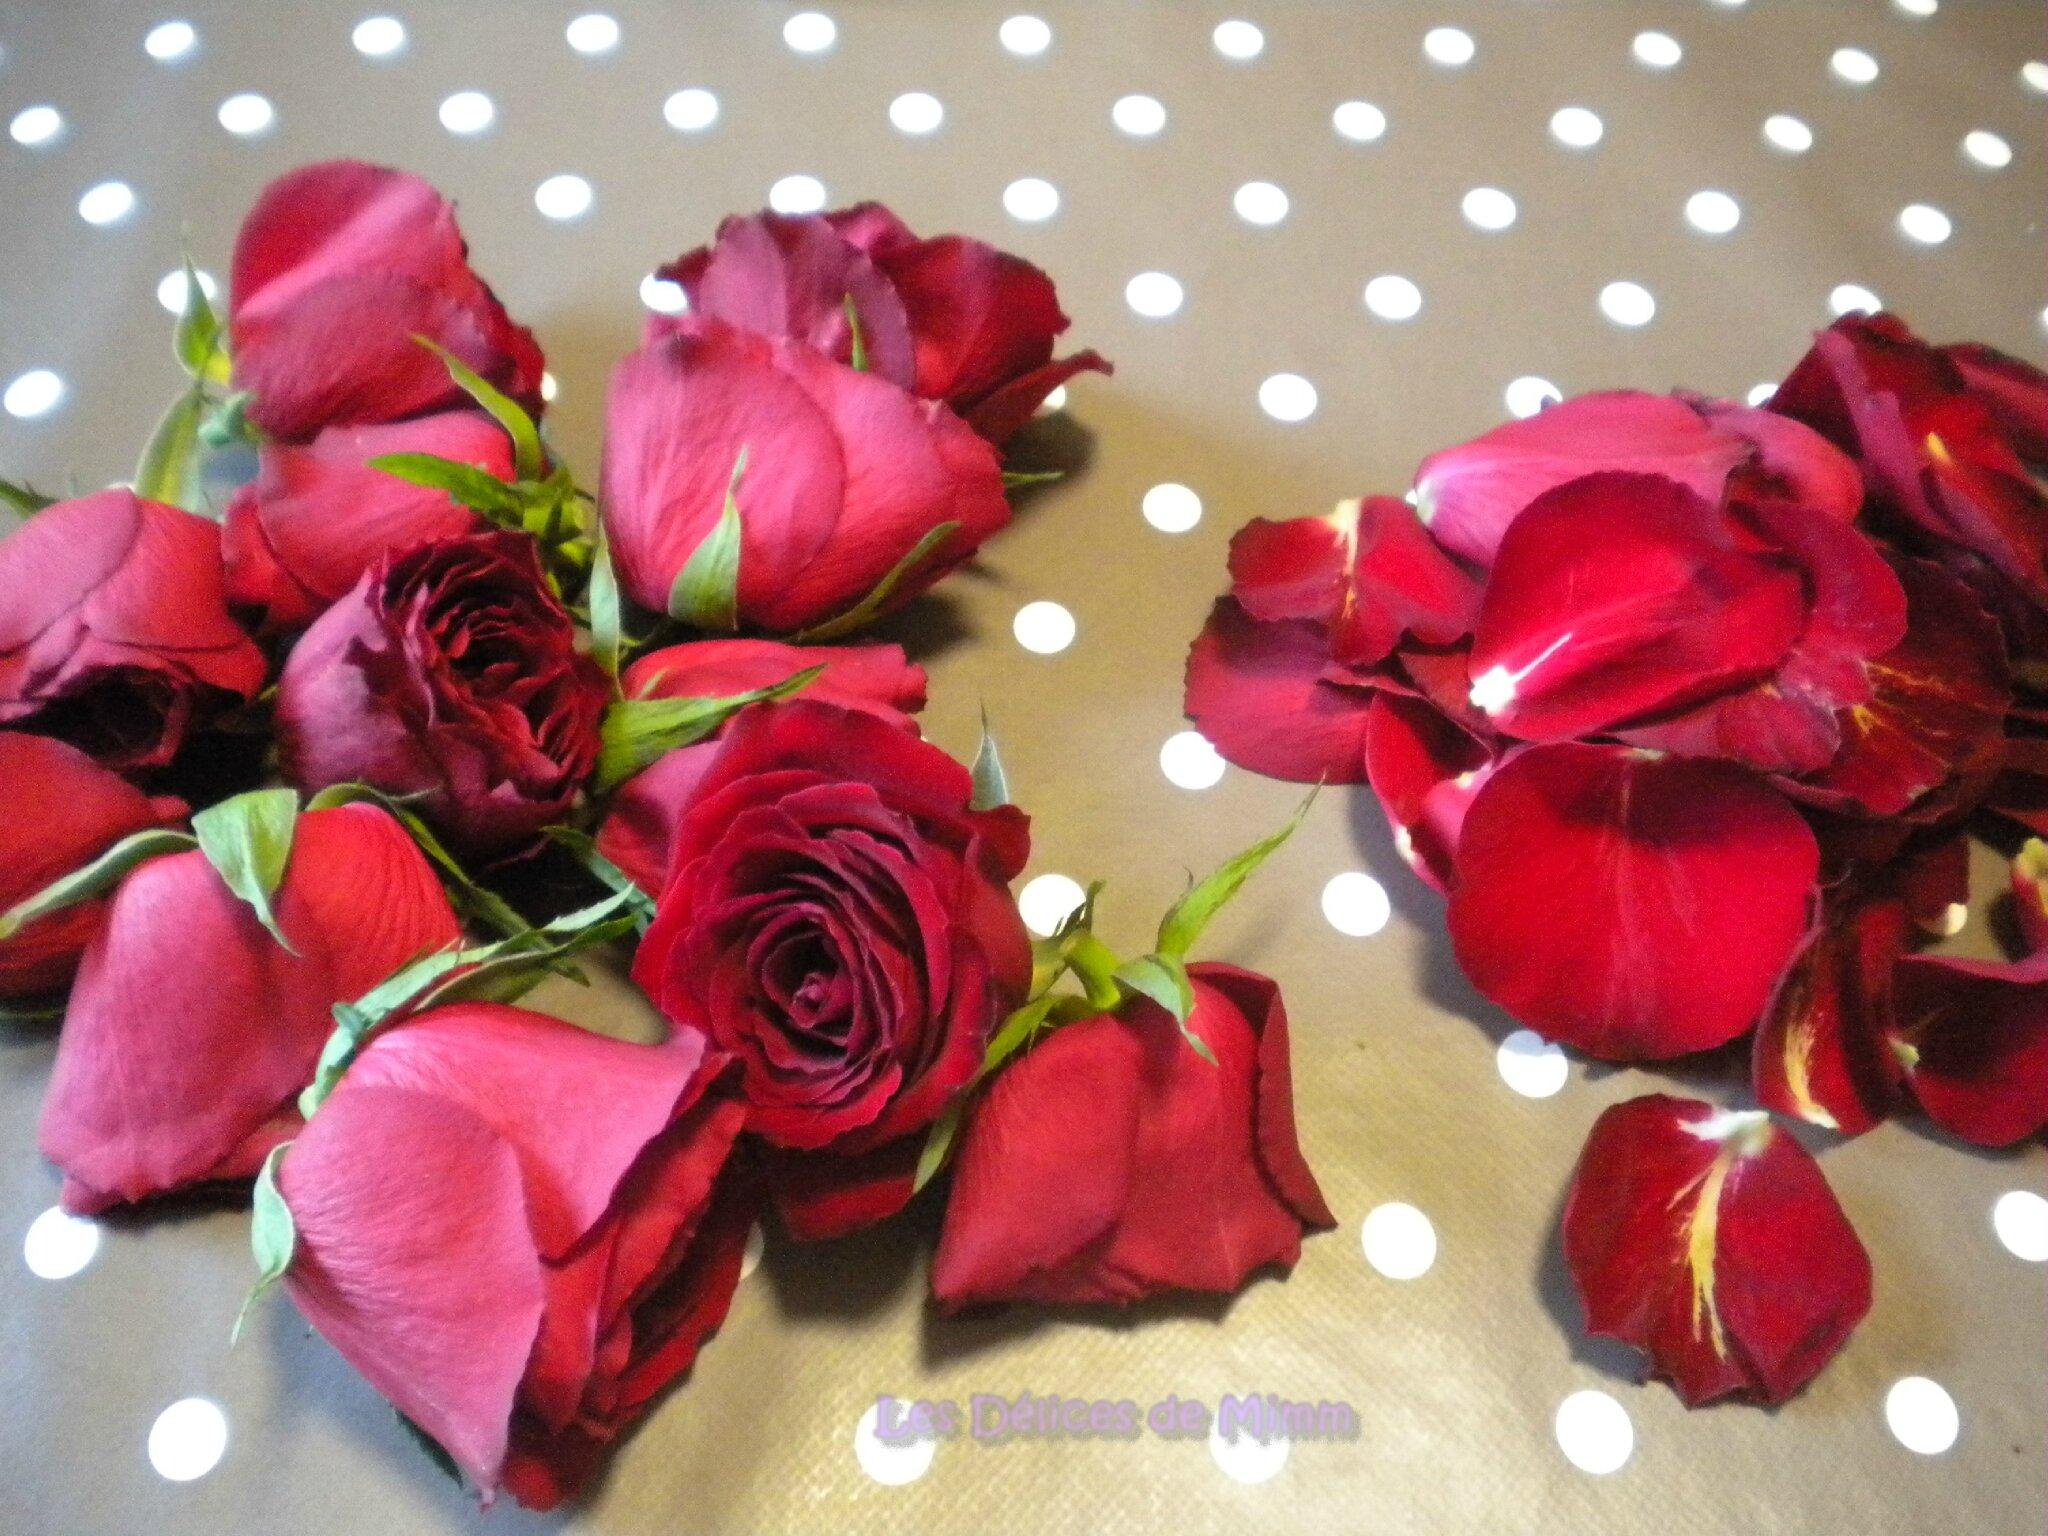 Comment Faire Un Bouquet De Roses comment rendre vie à un bouquet de roses fanées ? - les